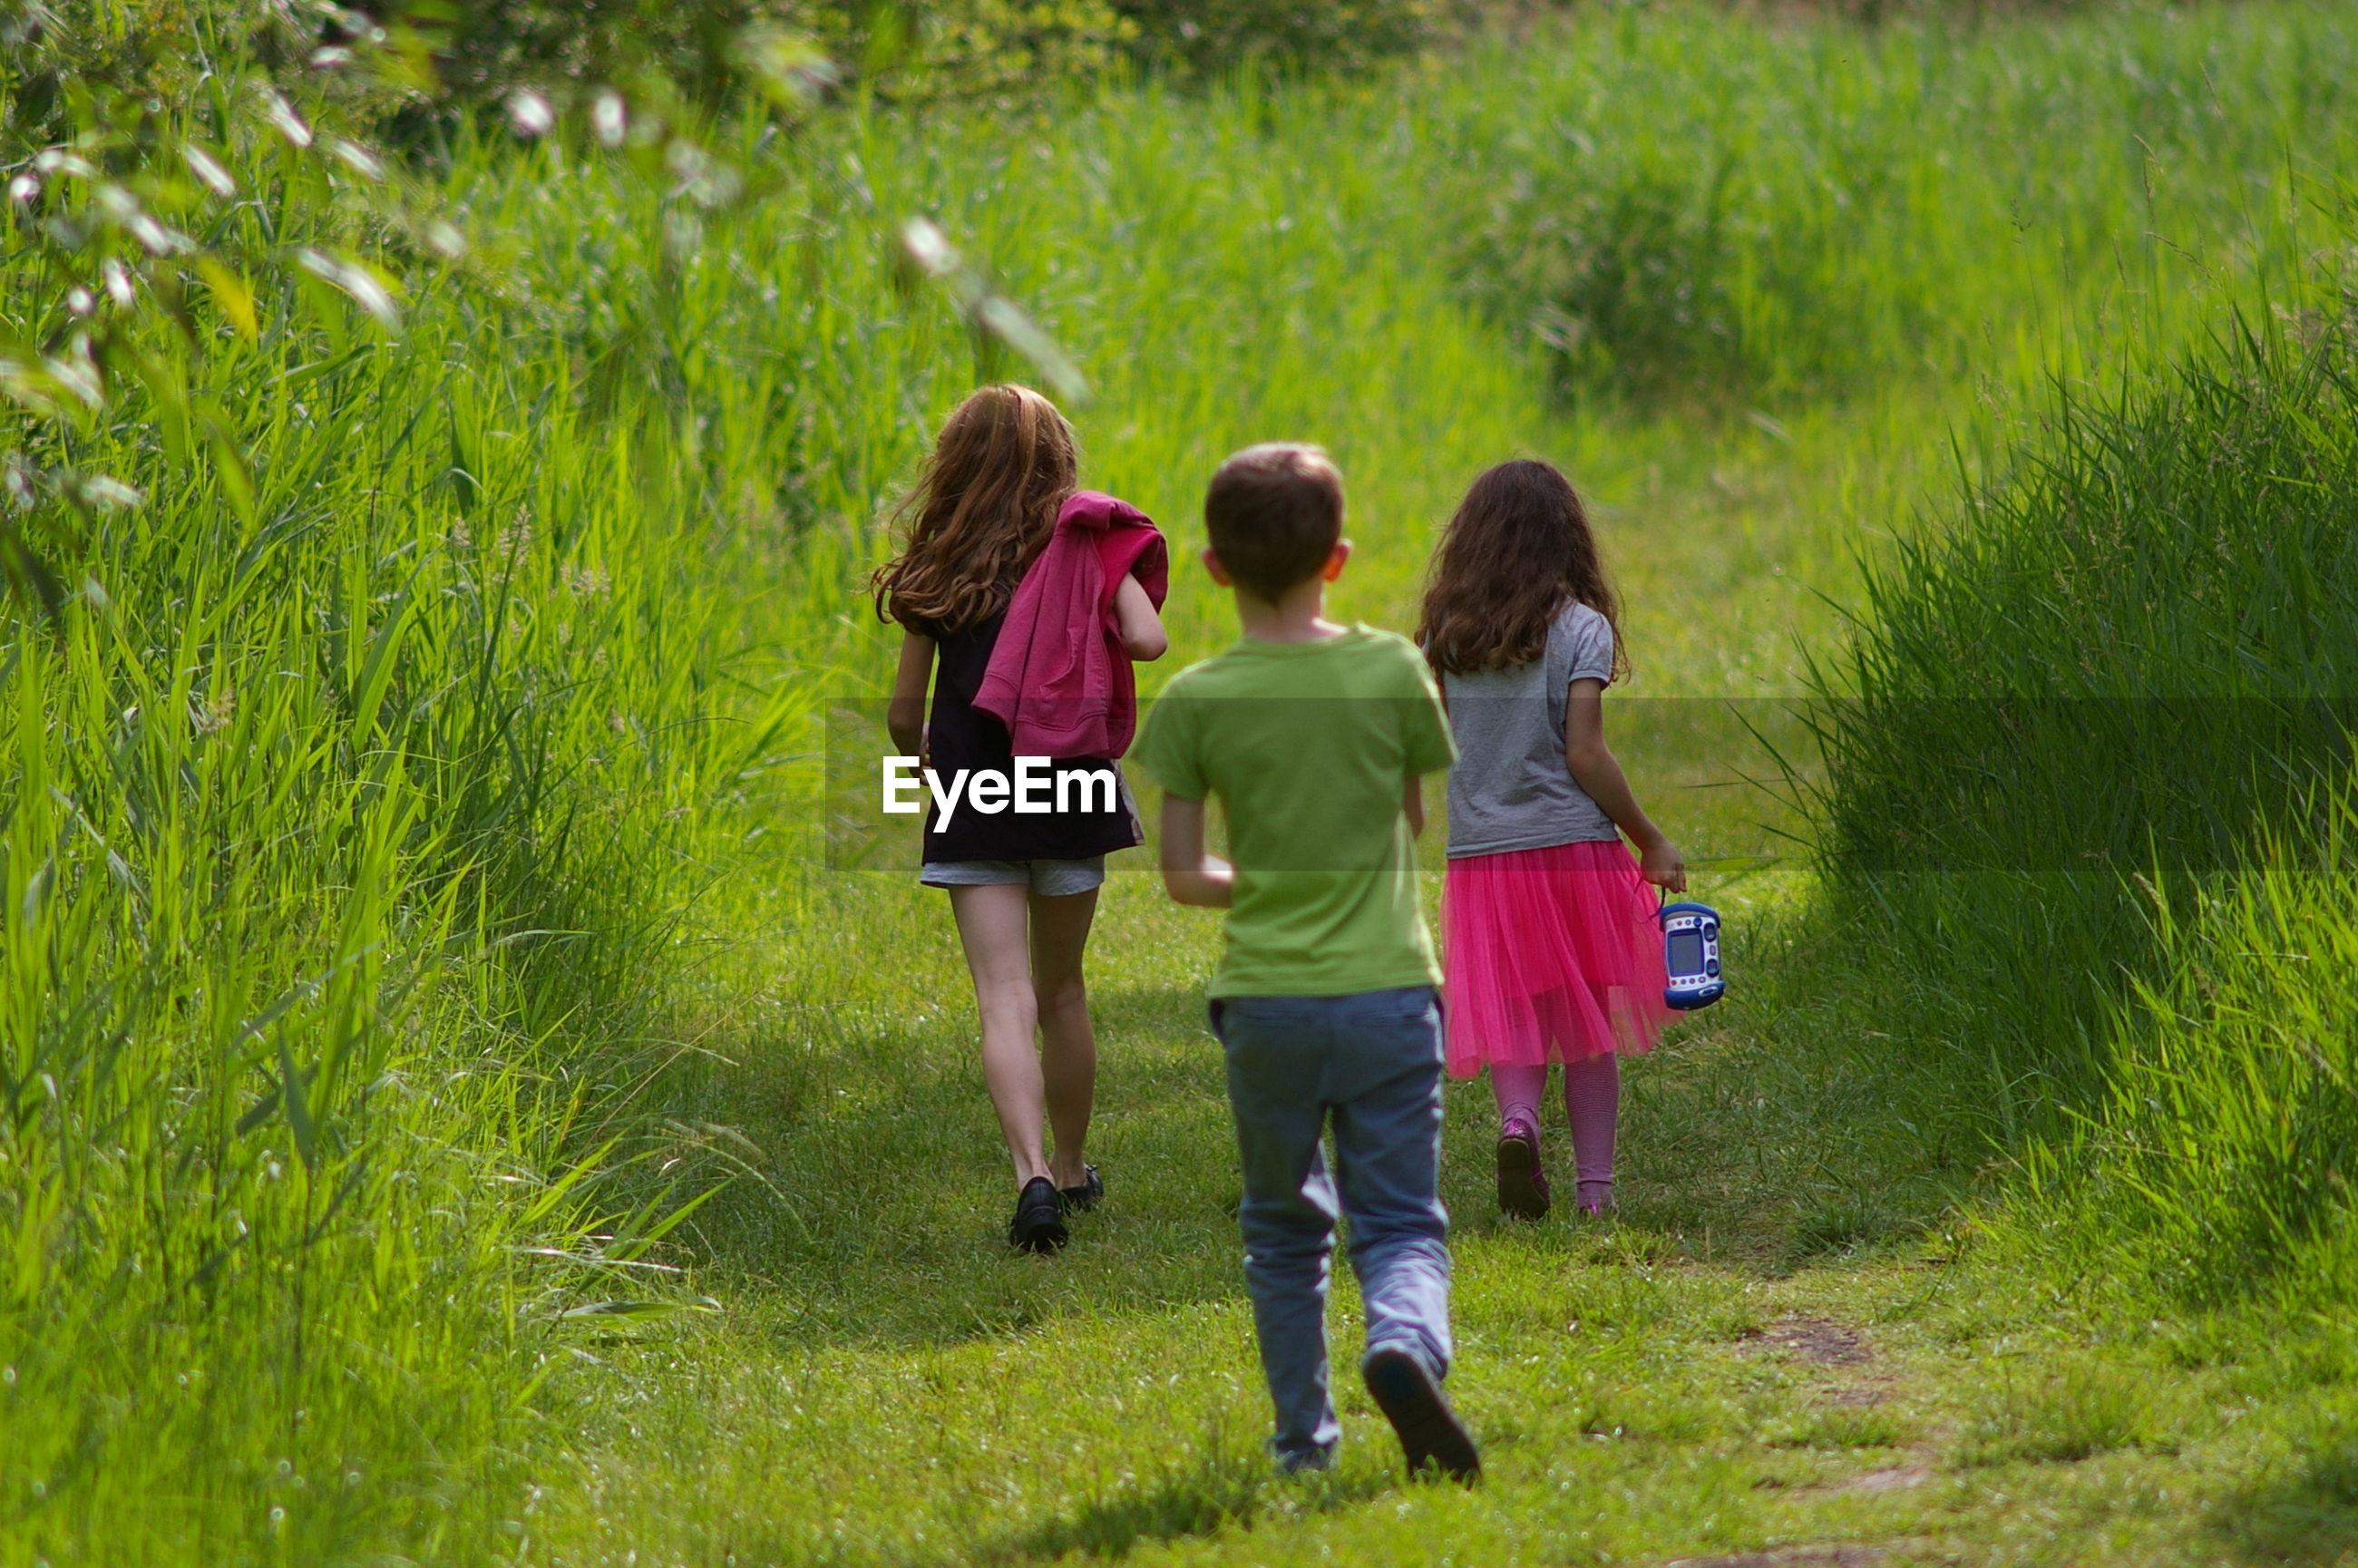 Rear view of children walking on grassy field in park